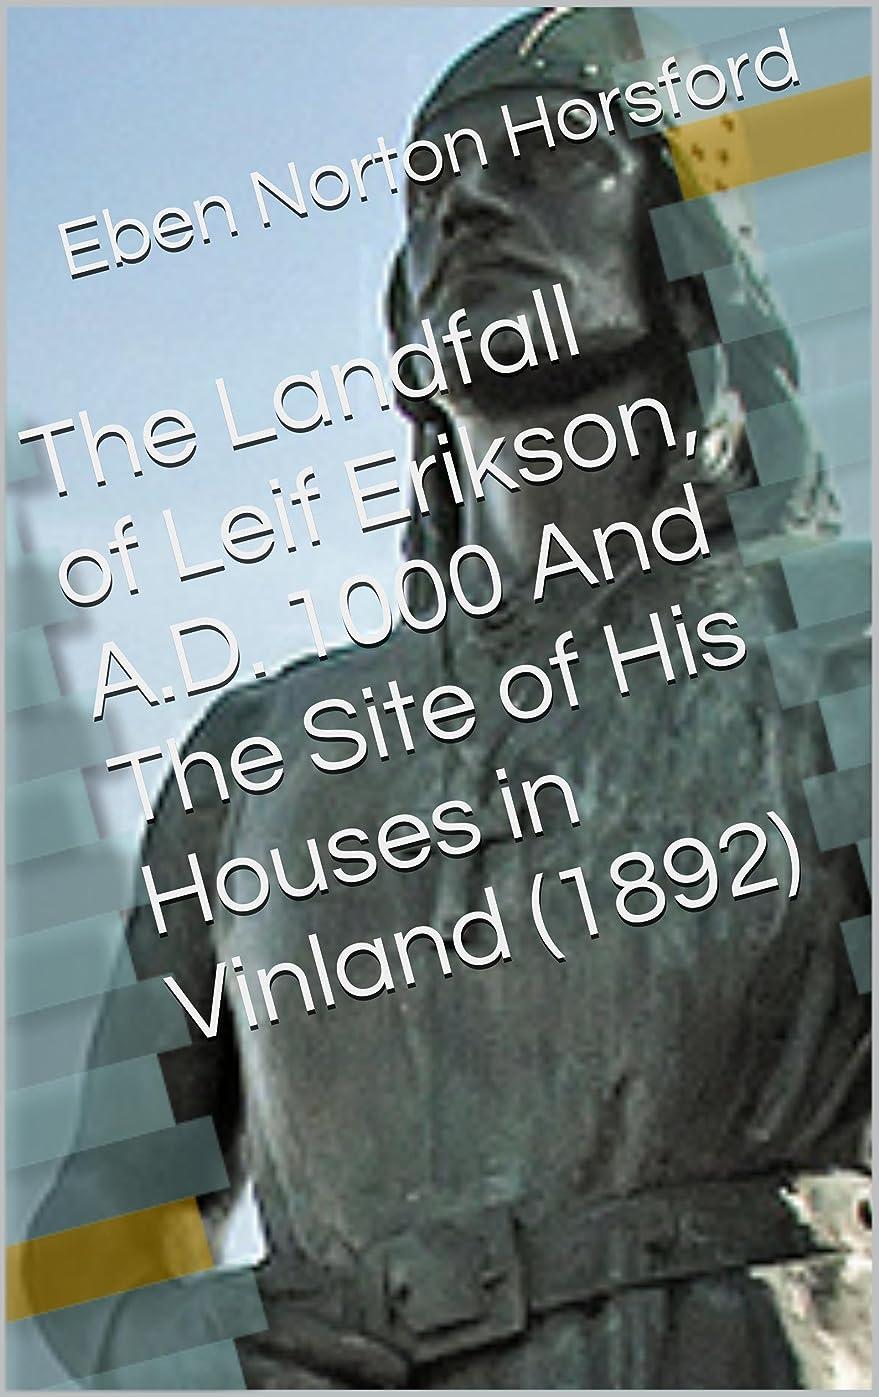 導出折膨らみThe Landfall of Leif Erikson, A.D. 1000 And The Site of His Houses in Vinland (1892) (English Edition)